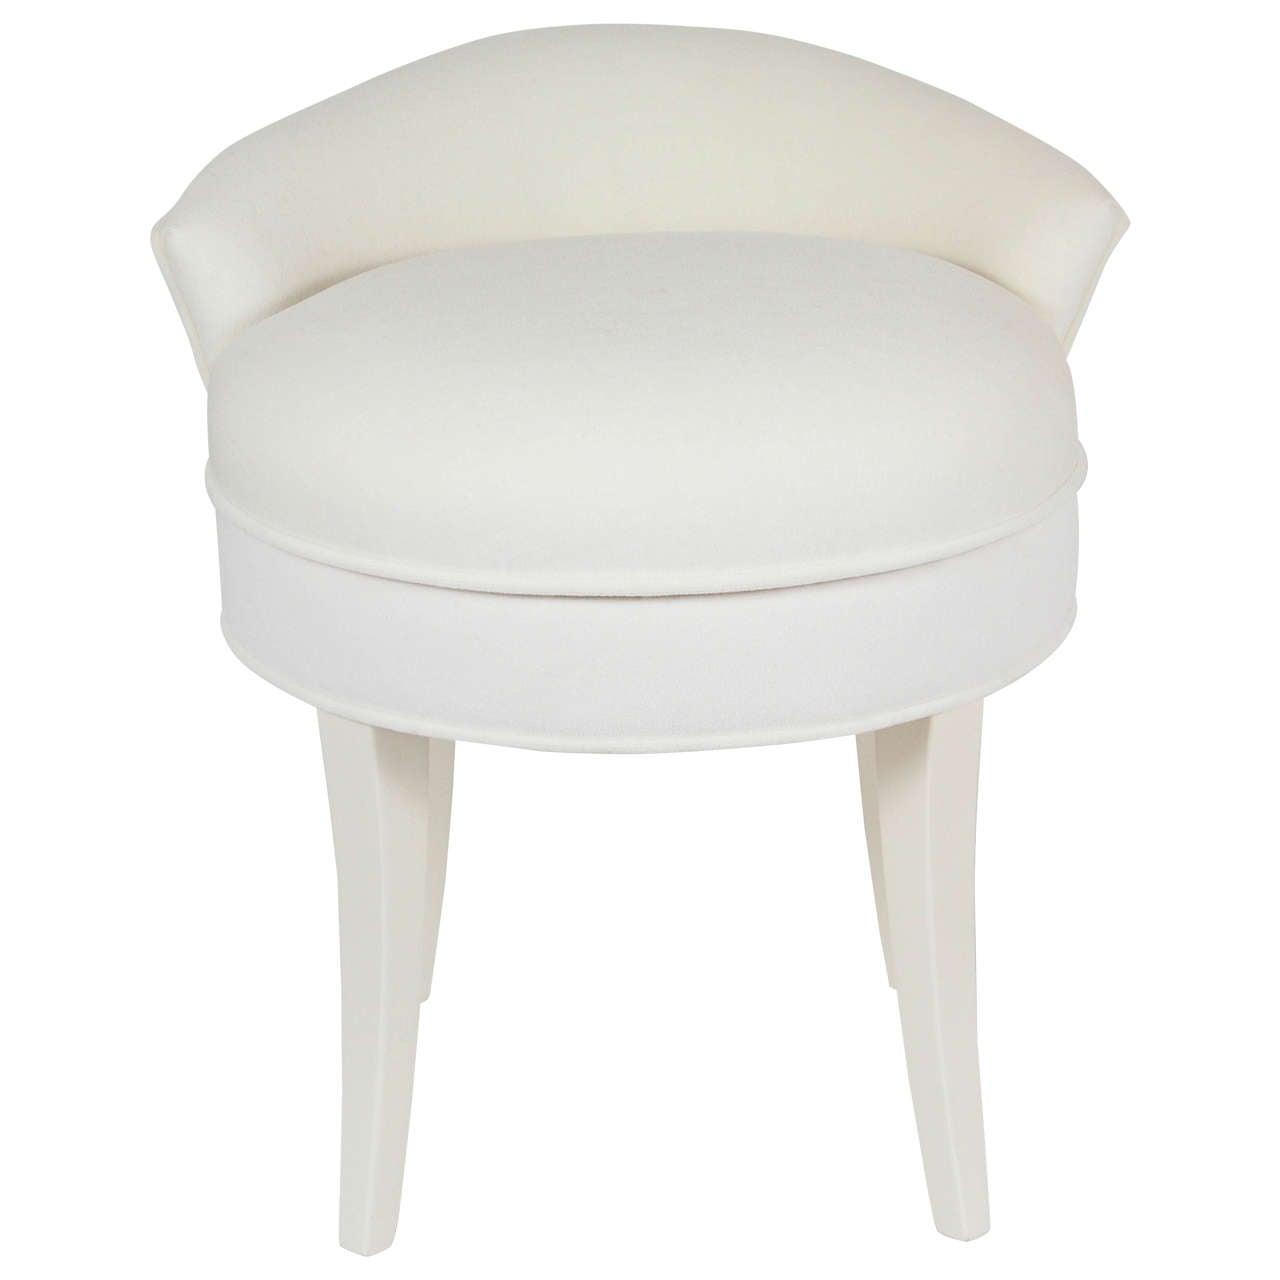 Samuel Marx Upholstered Vanity Stool 1Samuel Marx Upholstered Vanity Stool at 1stdibs. Low Back Vanity Chair. Home Design Ideas